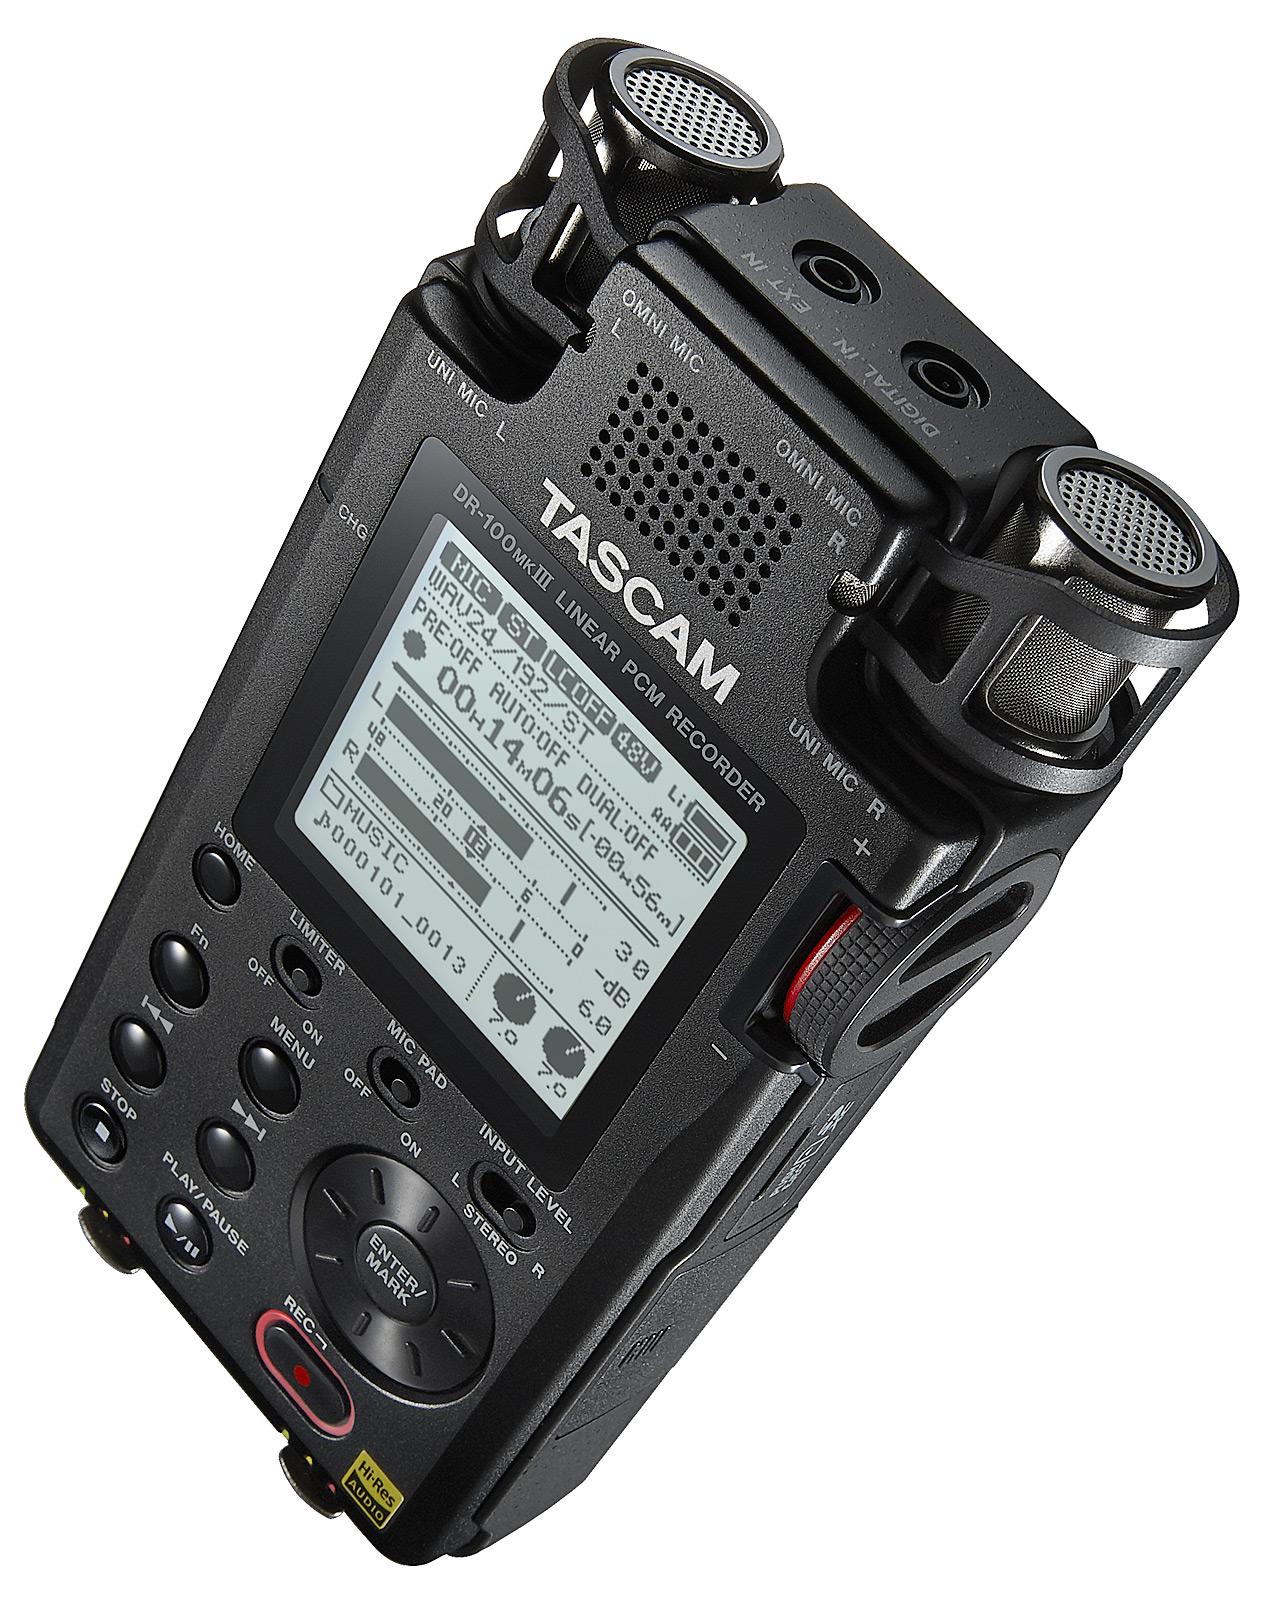 Billede af Tascam DR-100MK3 håndholdt stereo optager